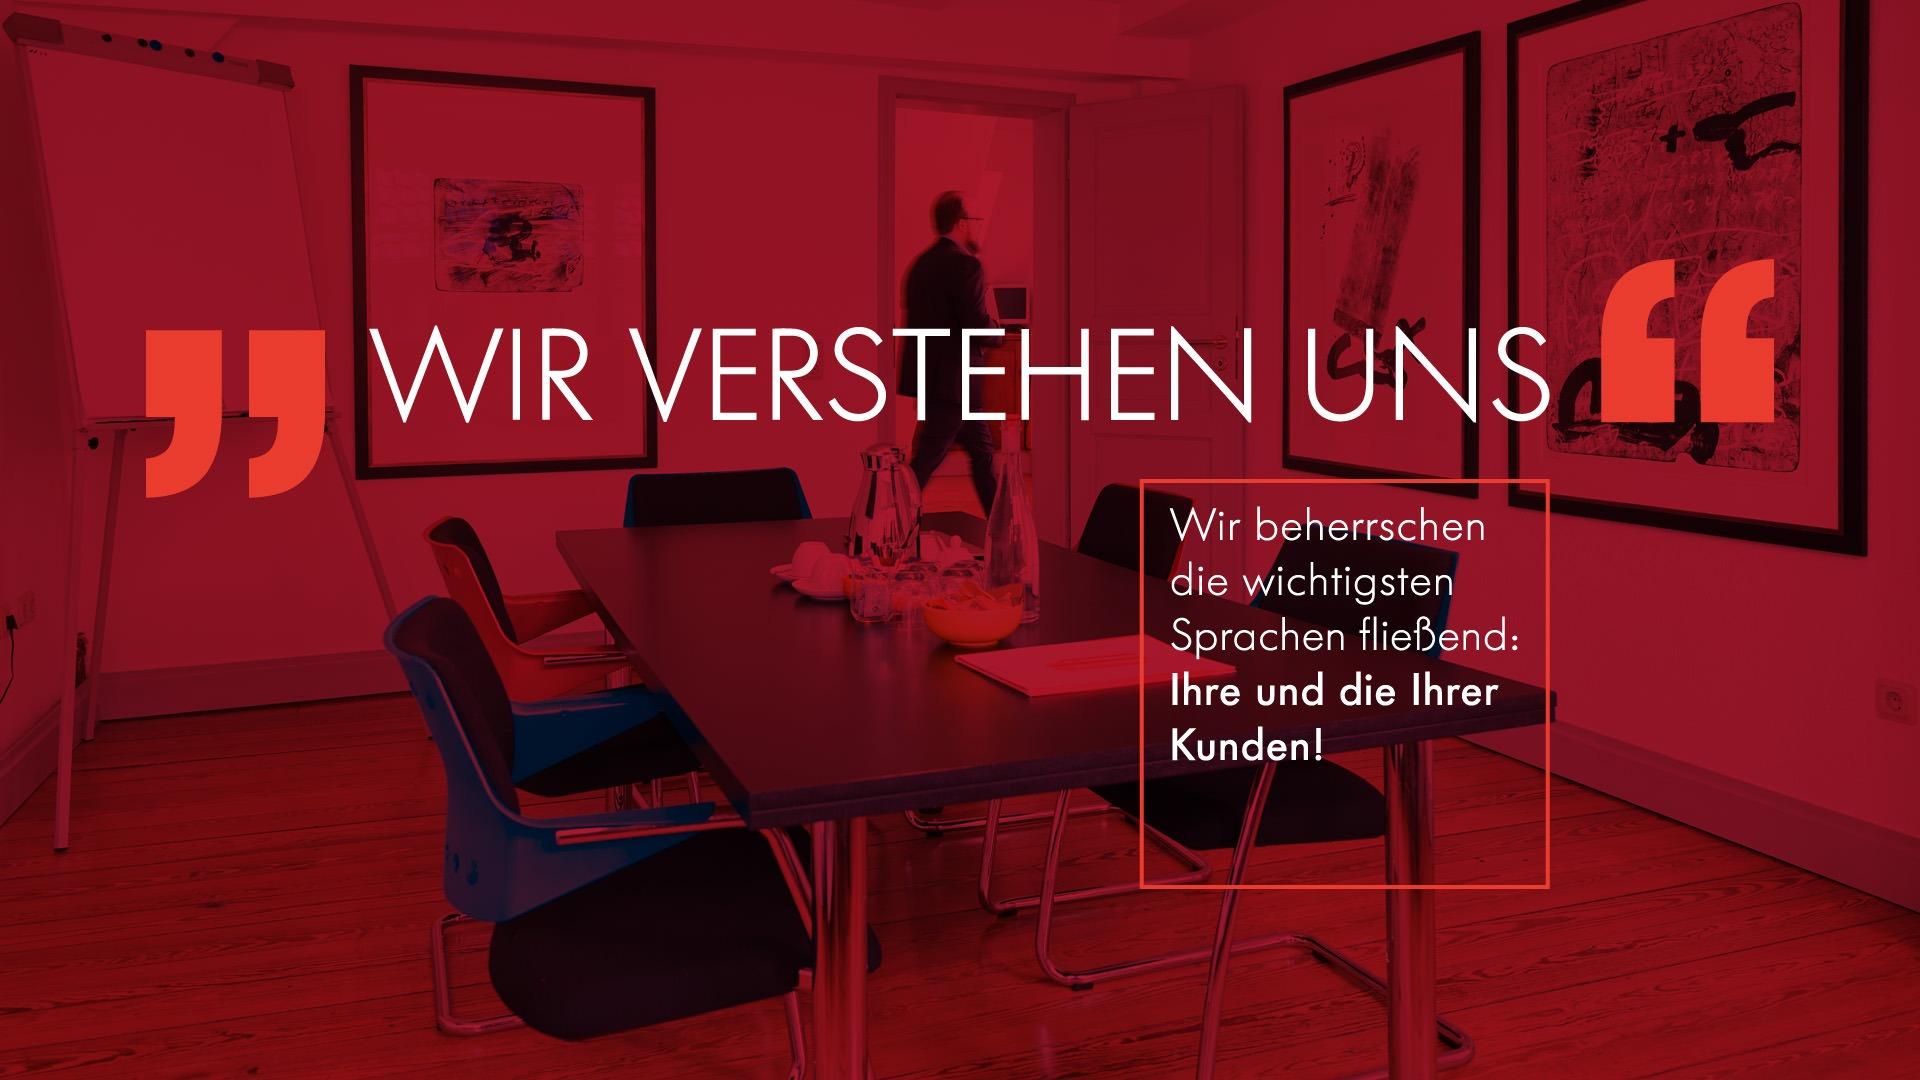 AMARETIS Agentur für Kommunikation Werbeagentur Göttingen Versprechen wir verstehen uns